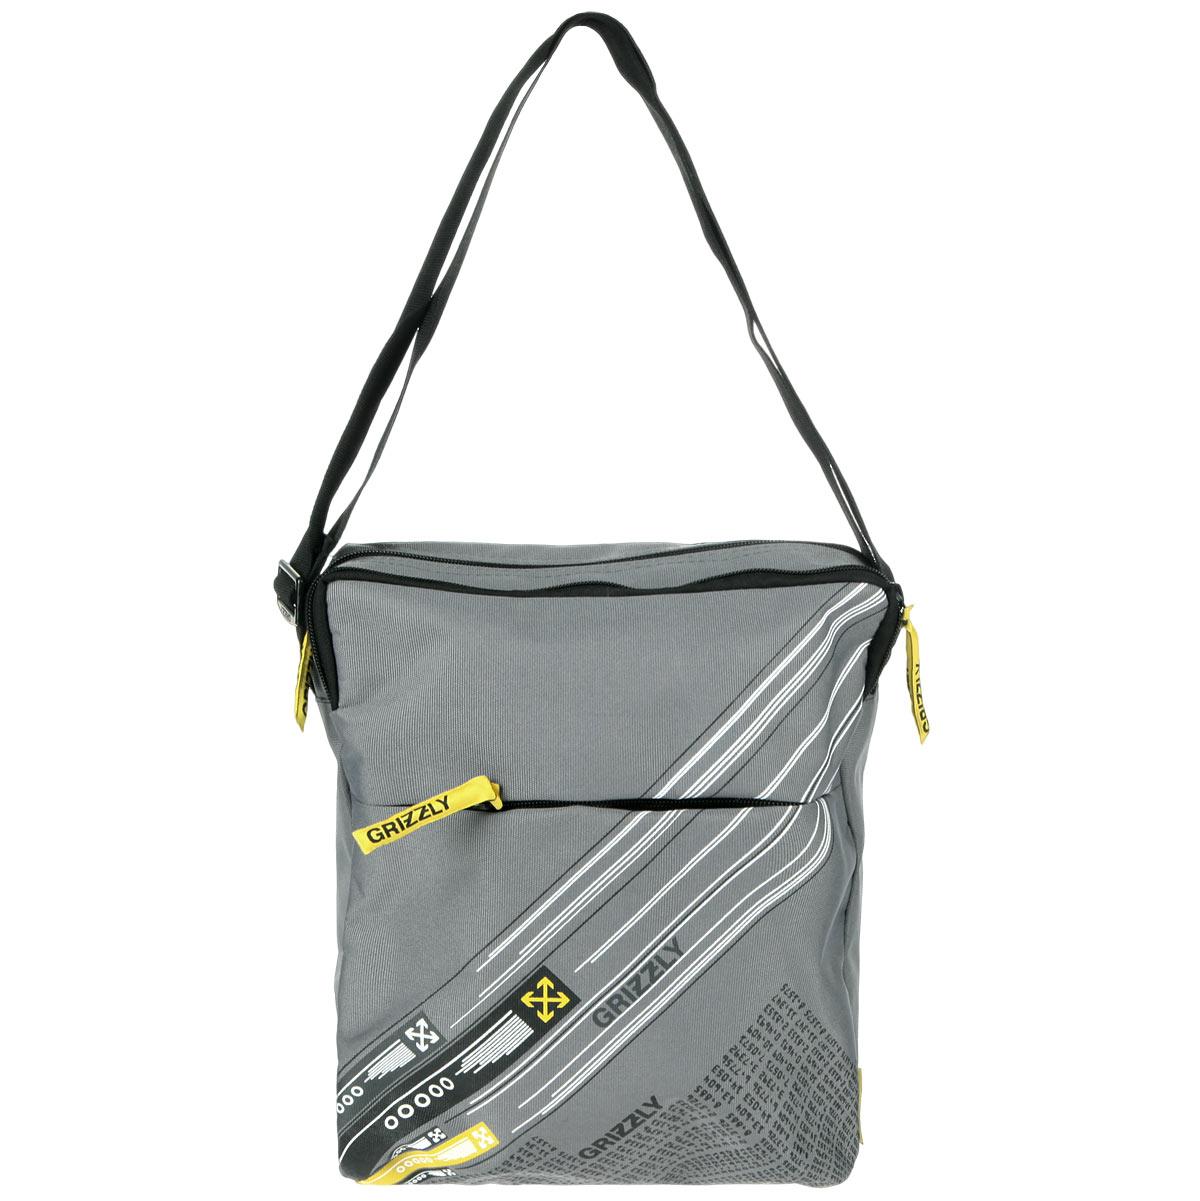 Grizzly Сумка школьная цвет серый желтый MM-502-3ММ 502-3/3Молодежная сумка с одним отделением, с плоским карманом на передней и задней стенке, внутренним карманом для документов , с регулируемым плечевым ремнем